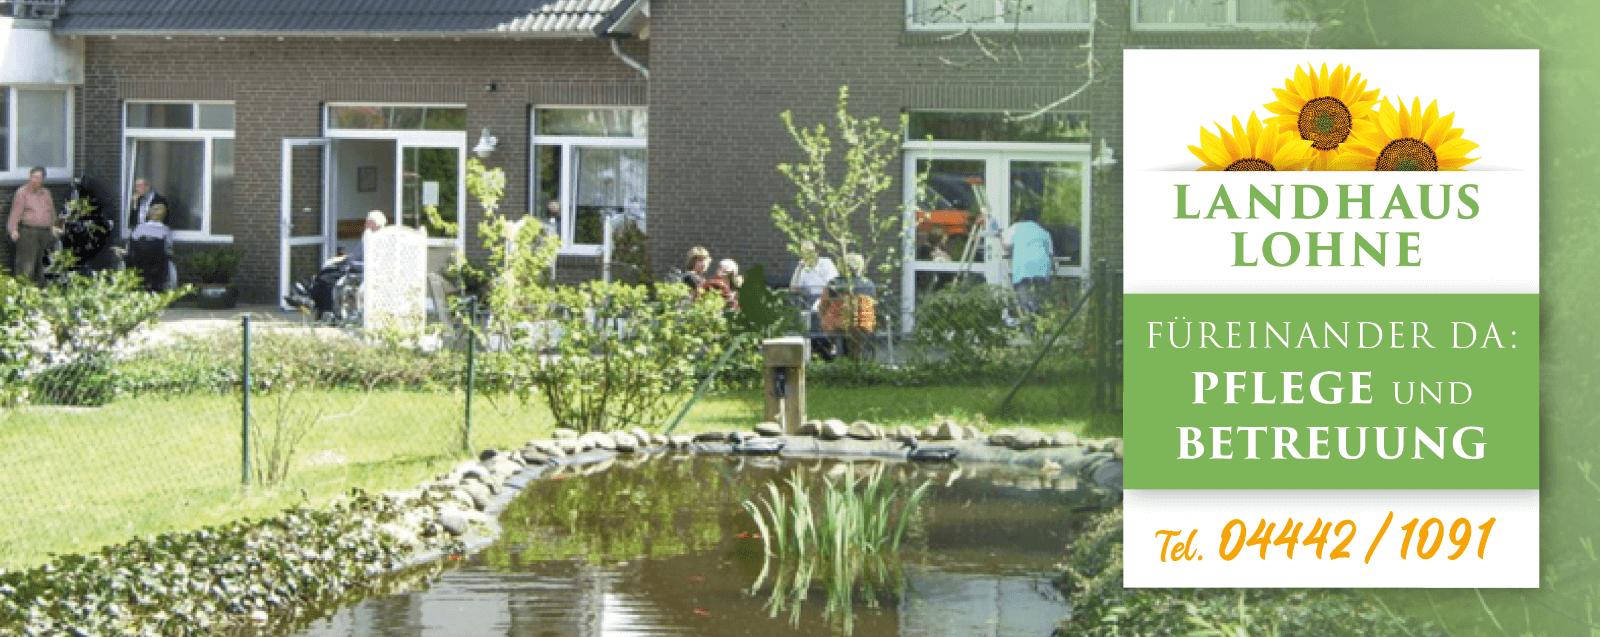 Landhaus Lohne - Pflegeheim mit familärer Atmosphäre und gemütliches Zuhause